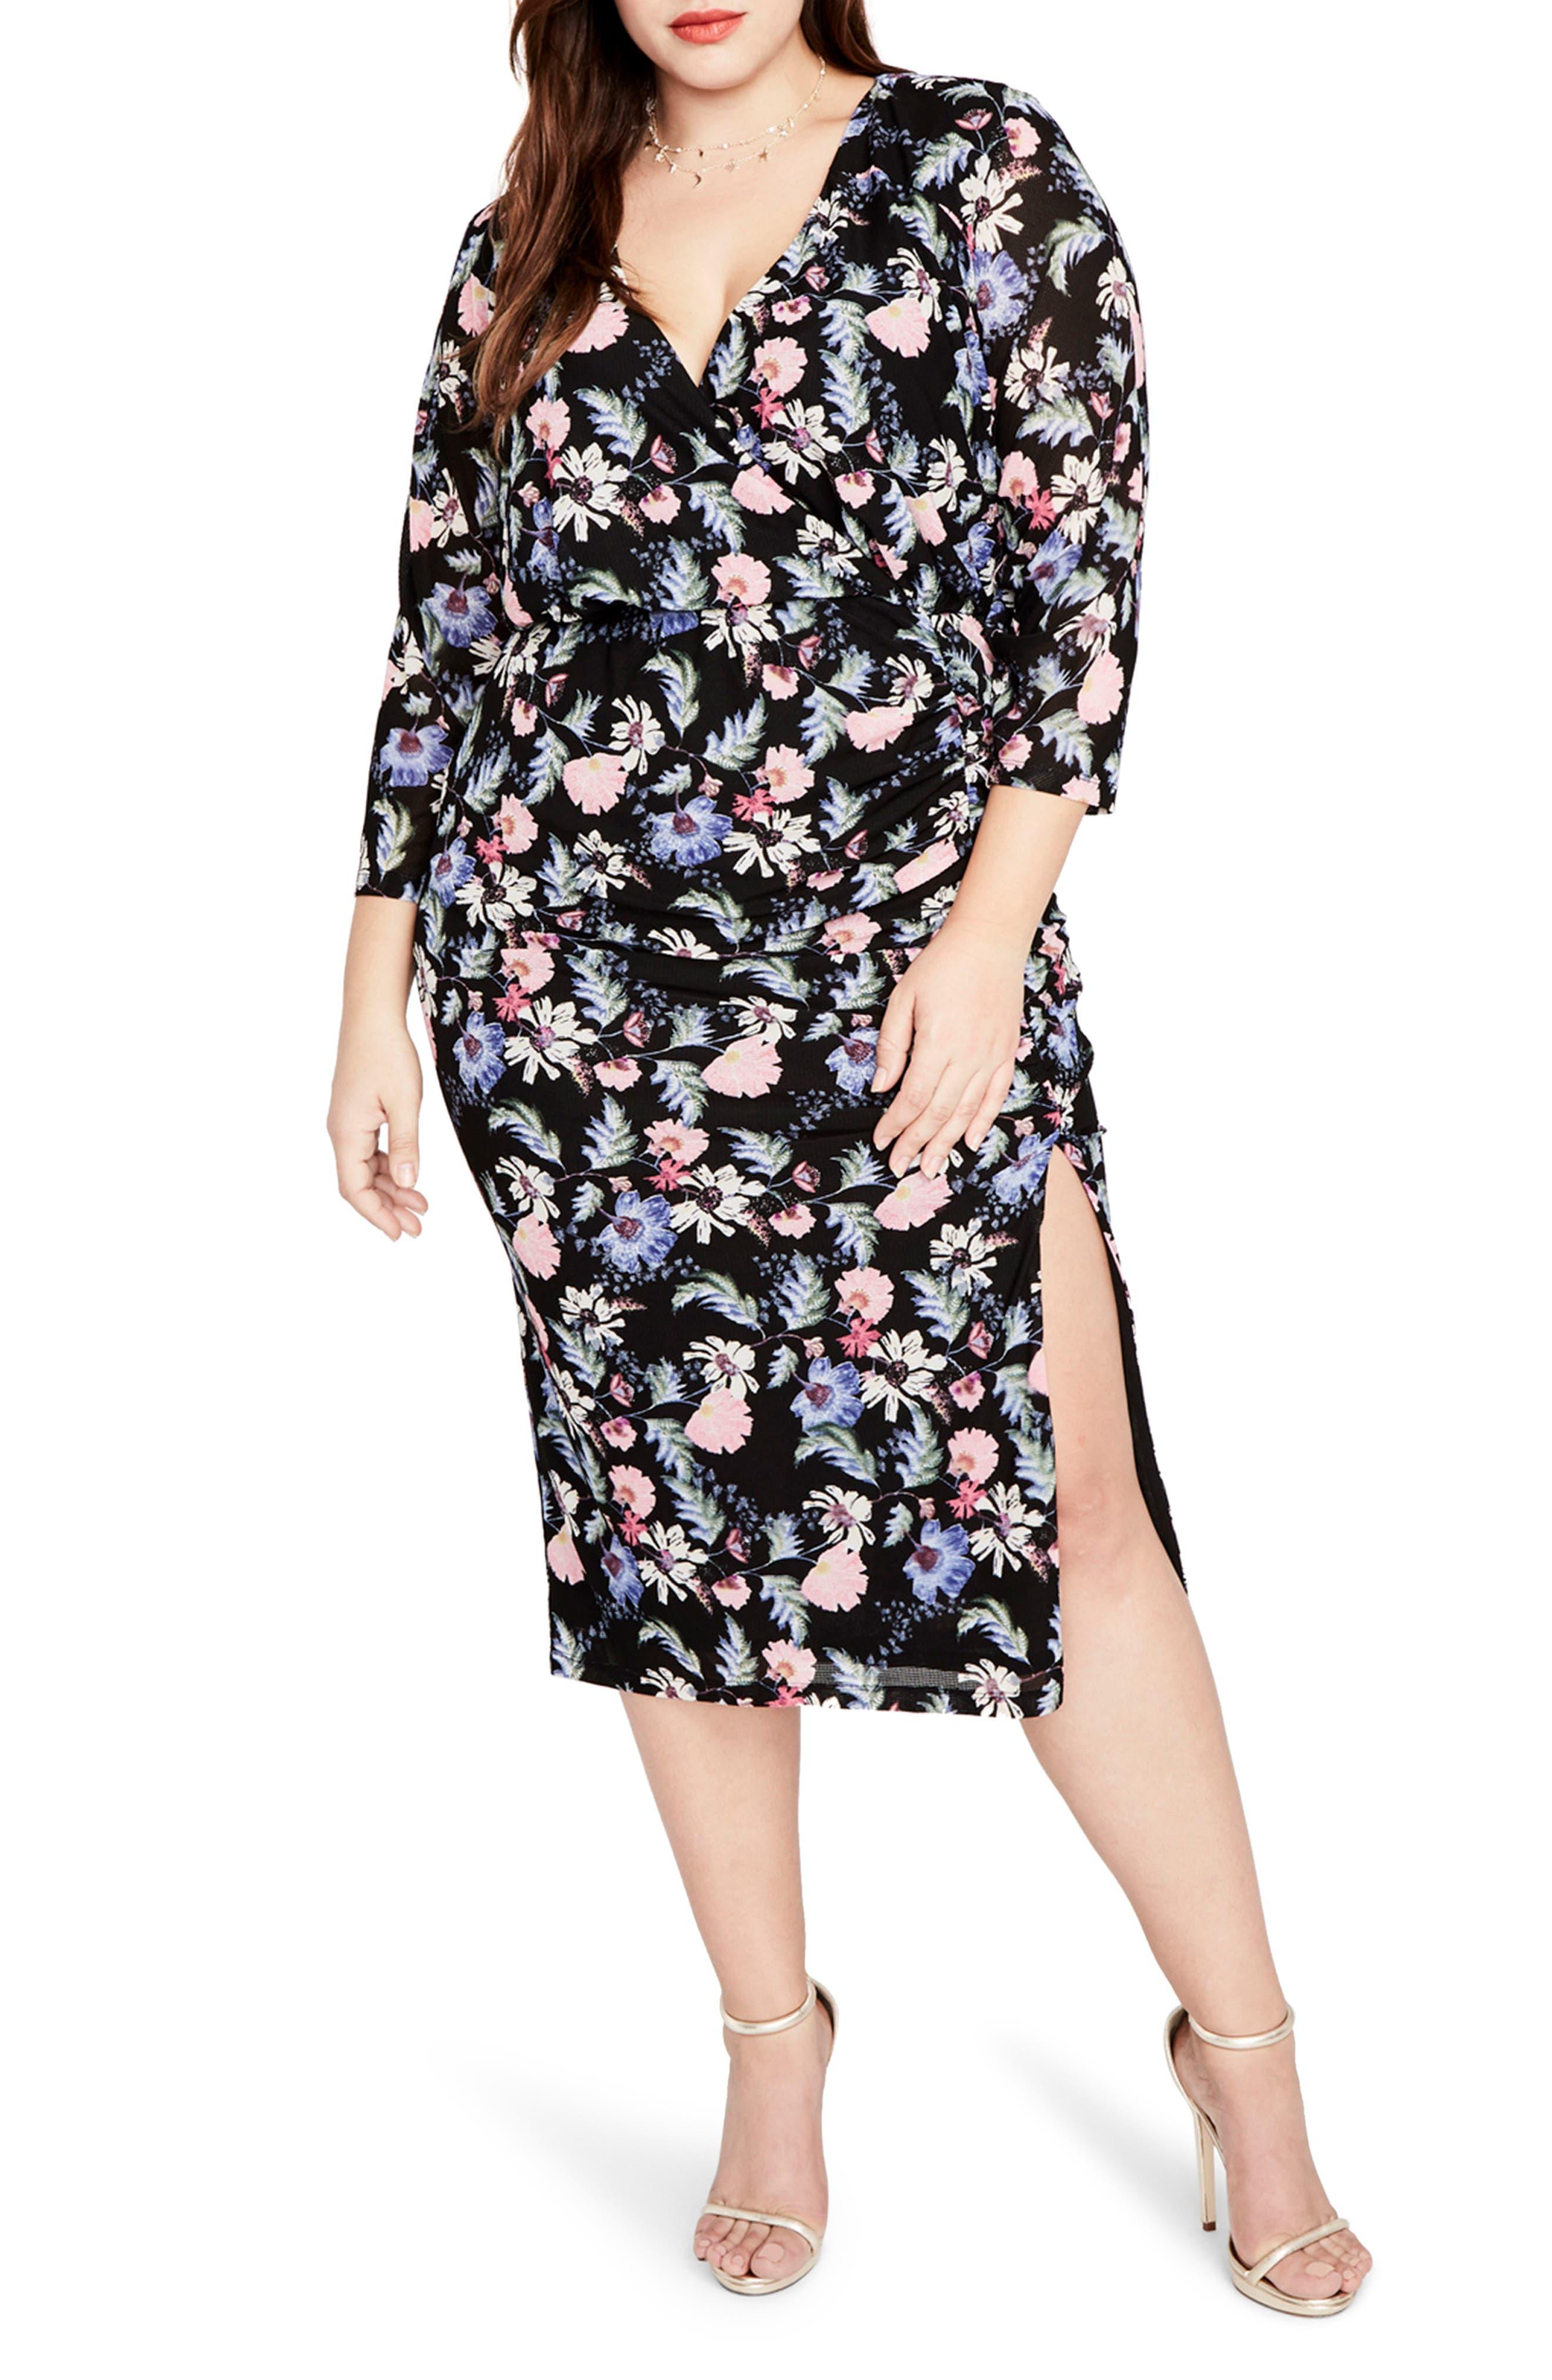 RACHEL BY Rachel Roy Ruched Floral Midi Dress (Plus Size)